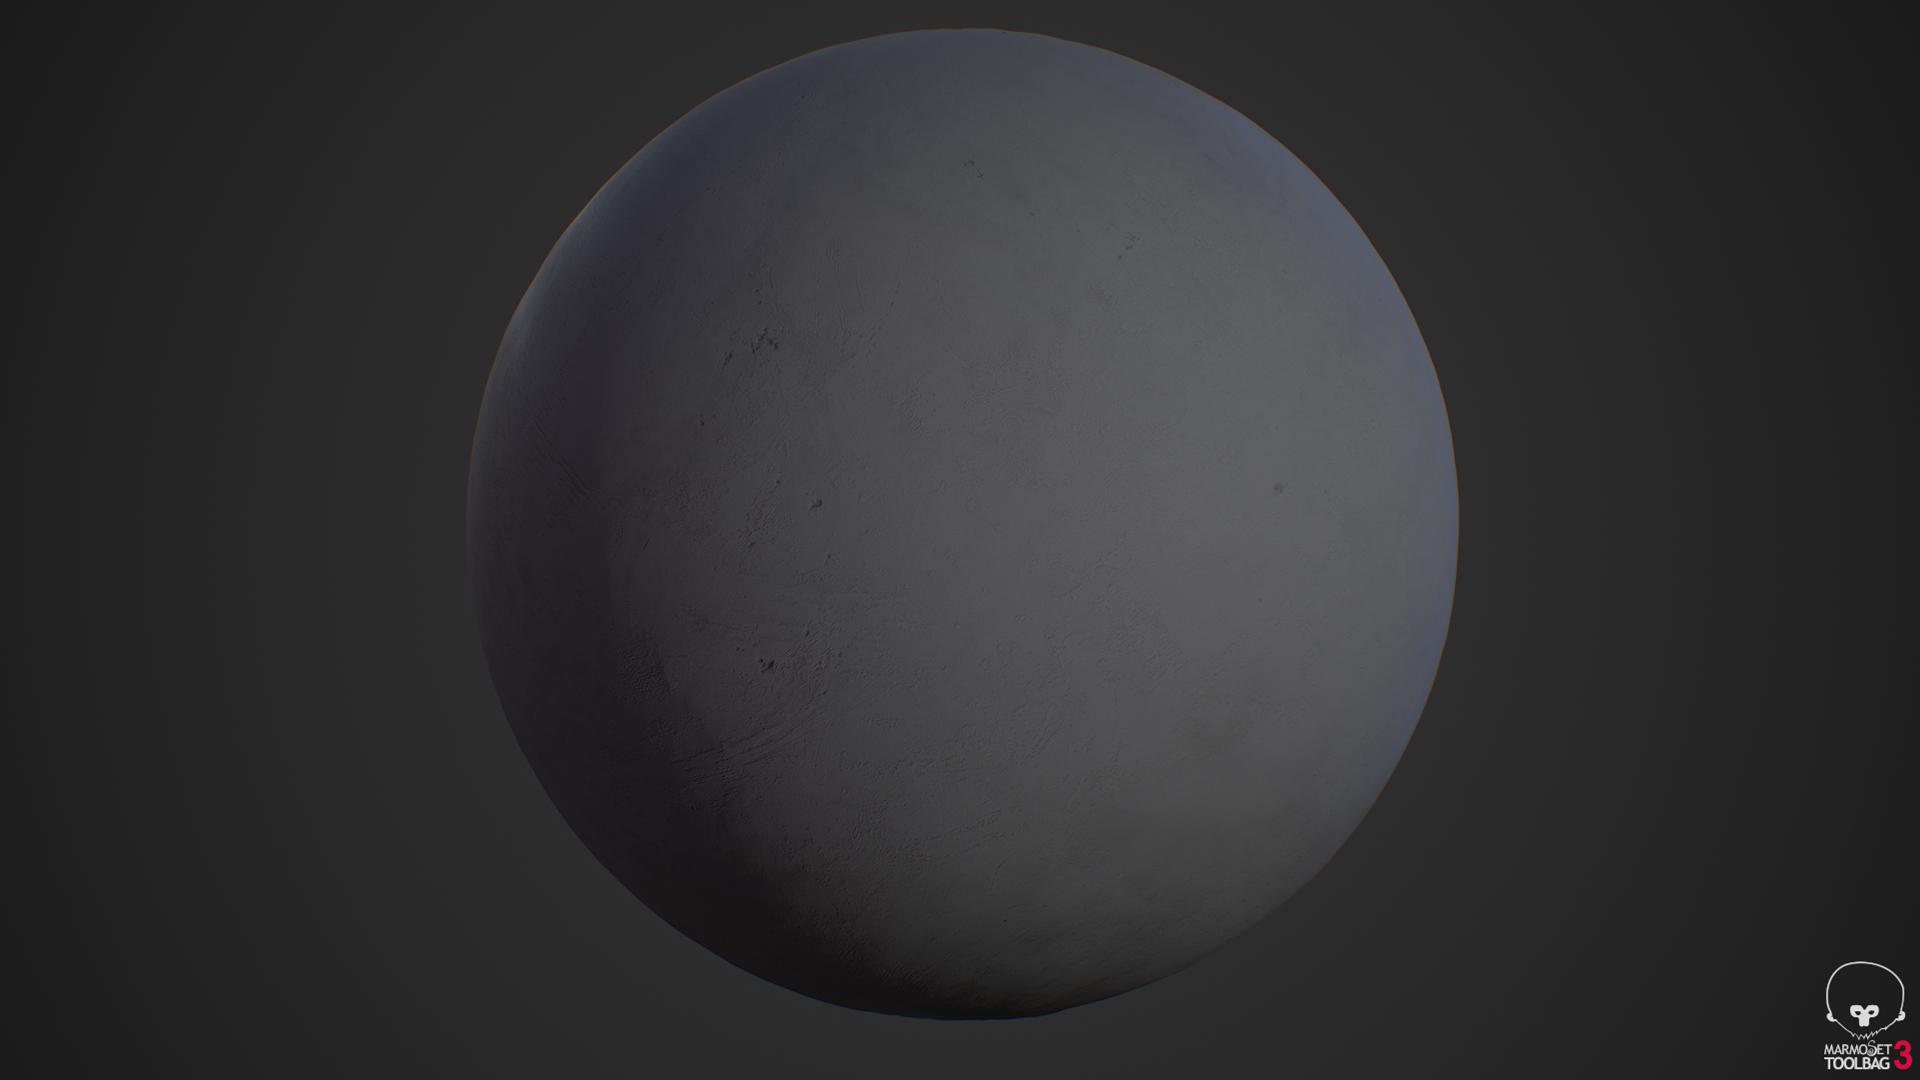 Gray Concrete Material